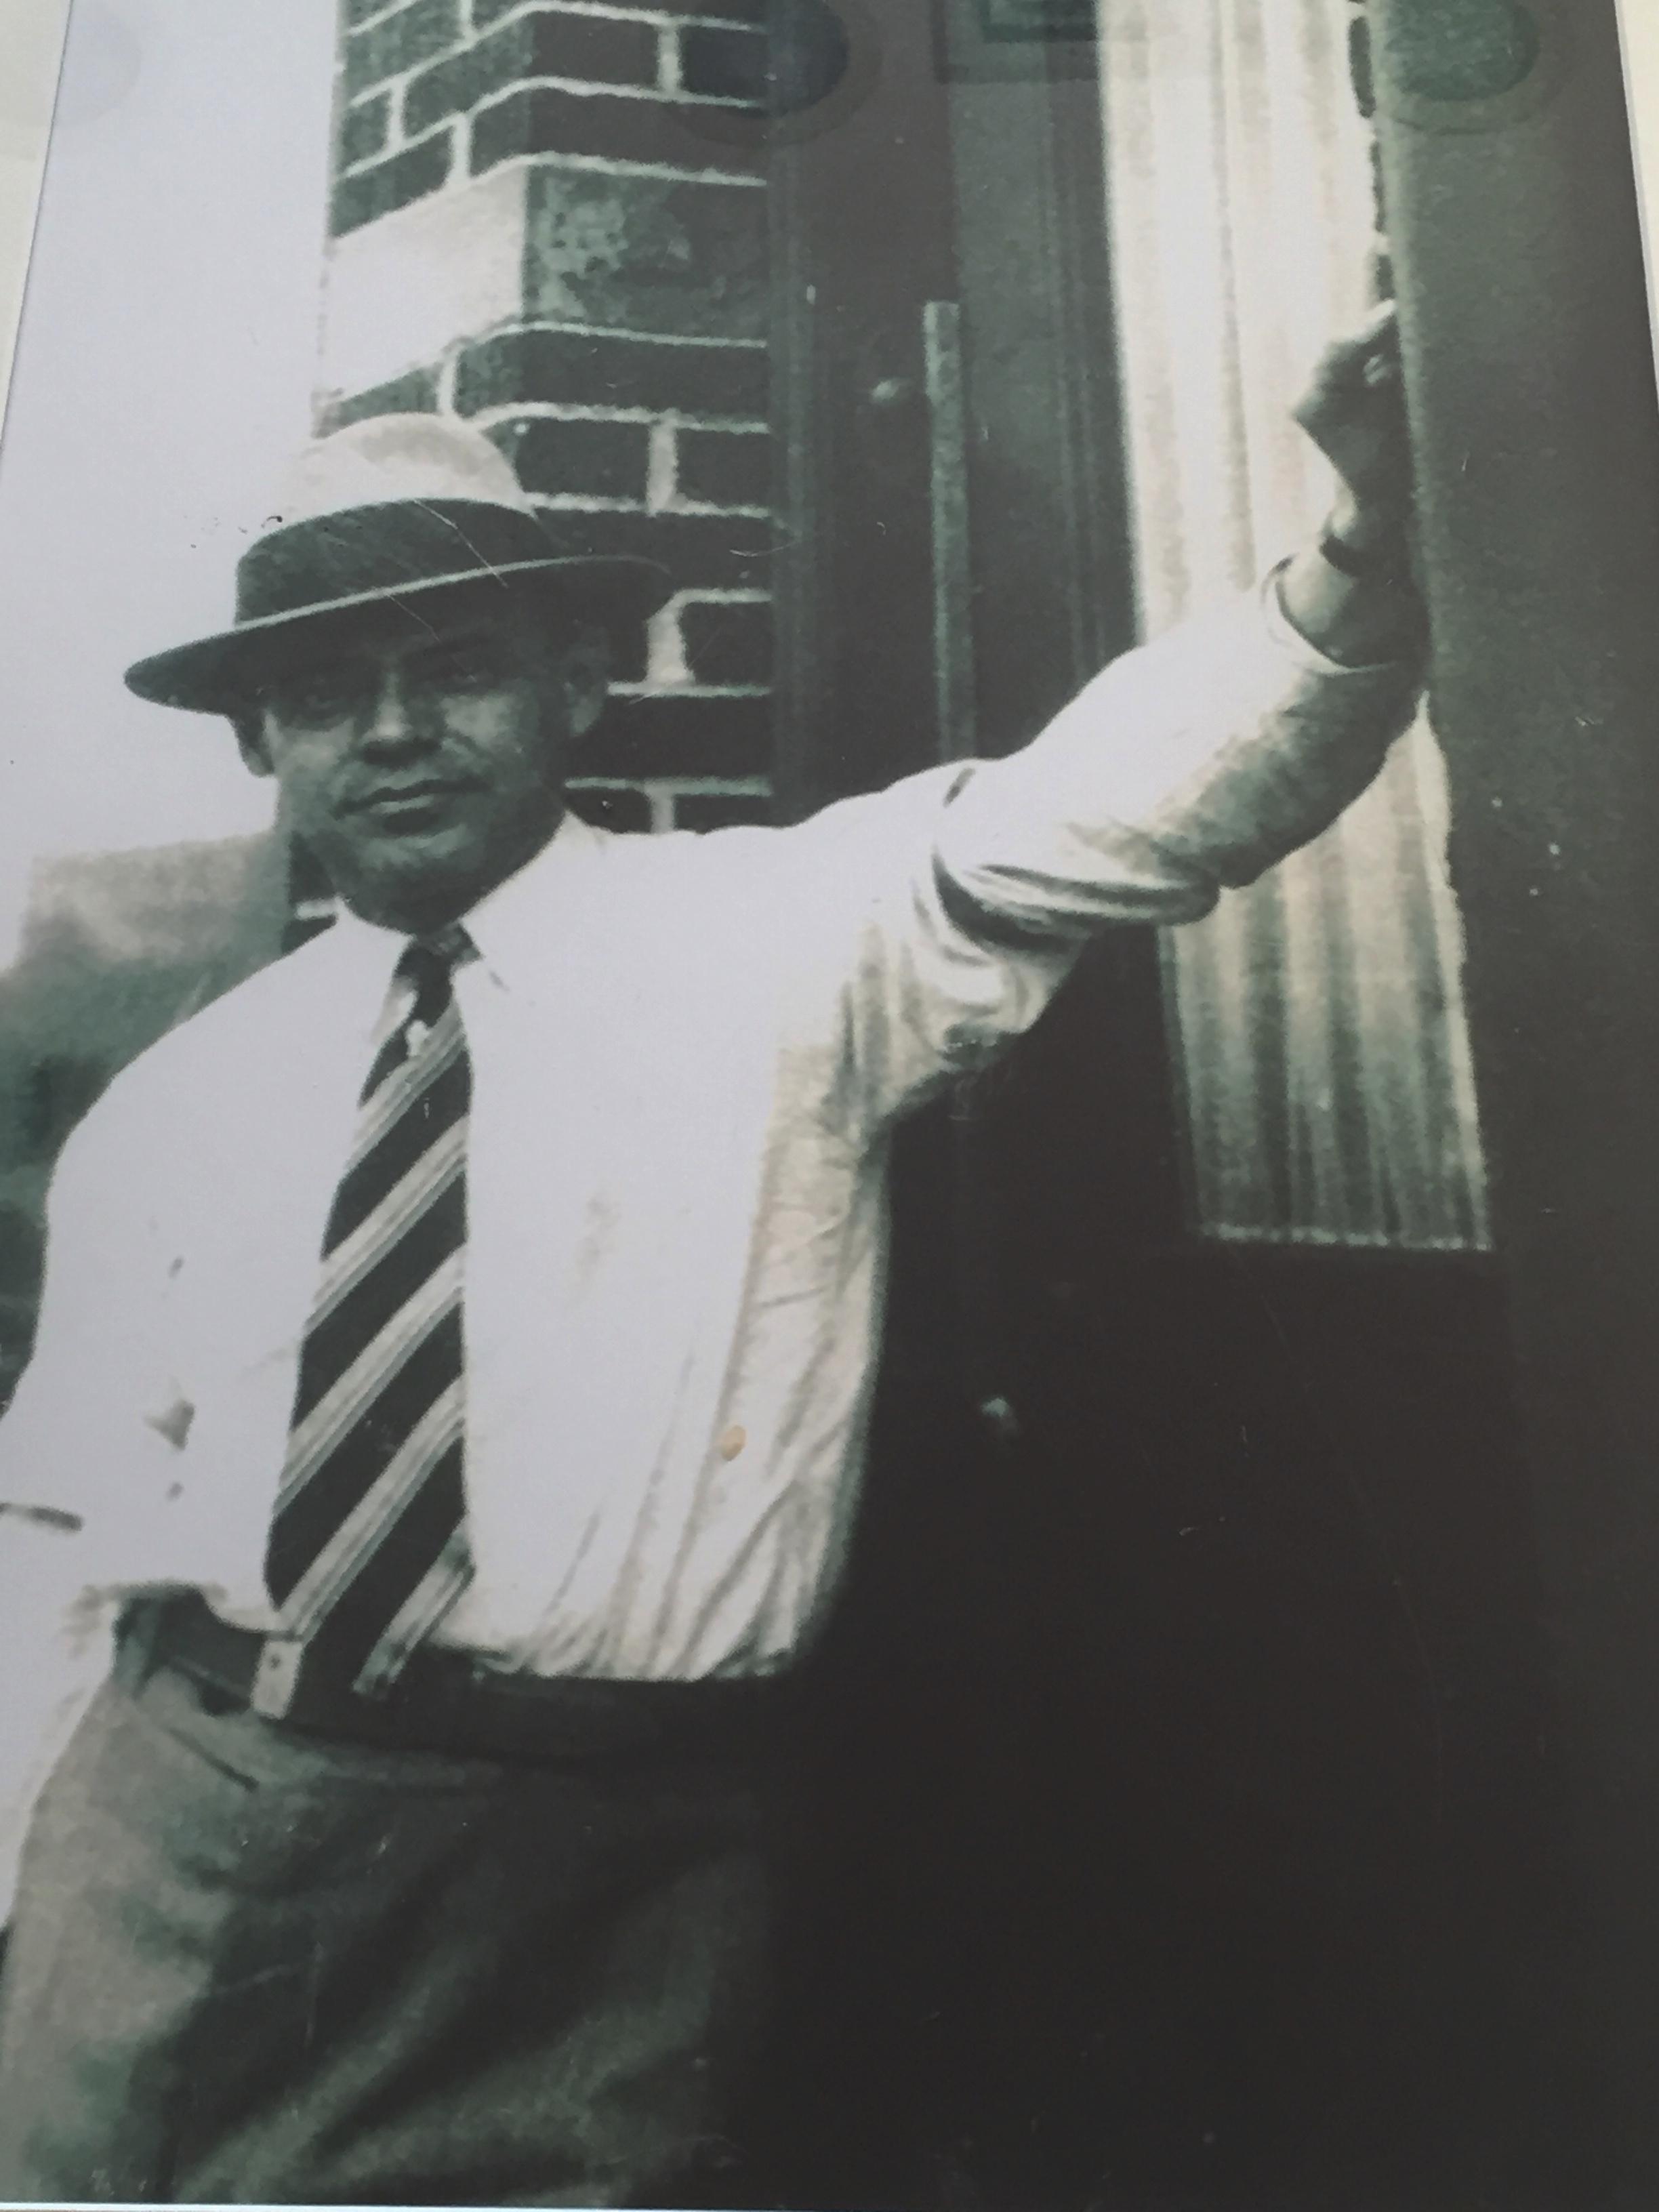 Vincent Paul DeLazzero - President & C.E.O. 1904 - 1973